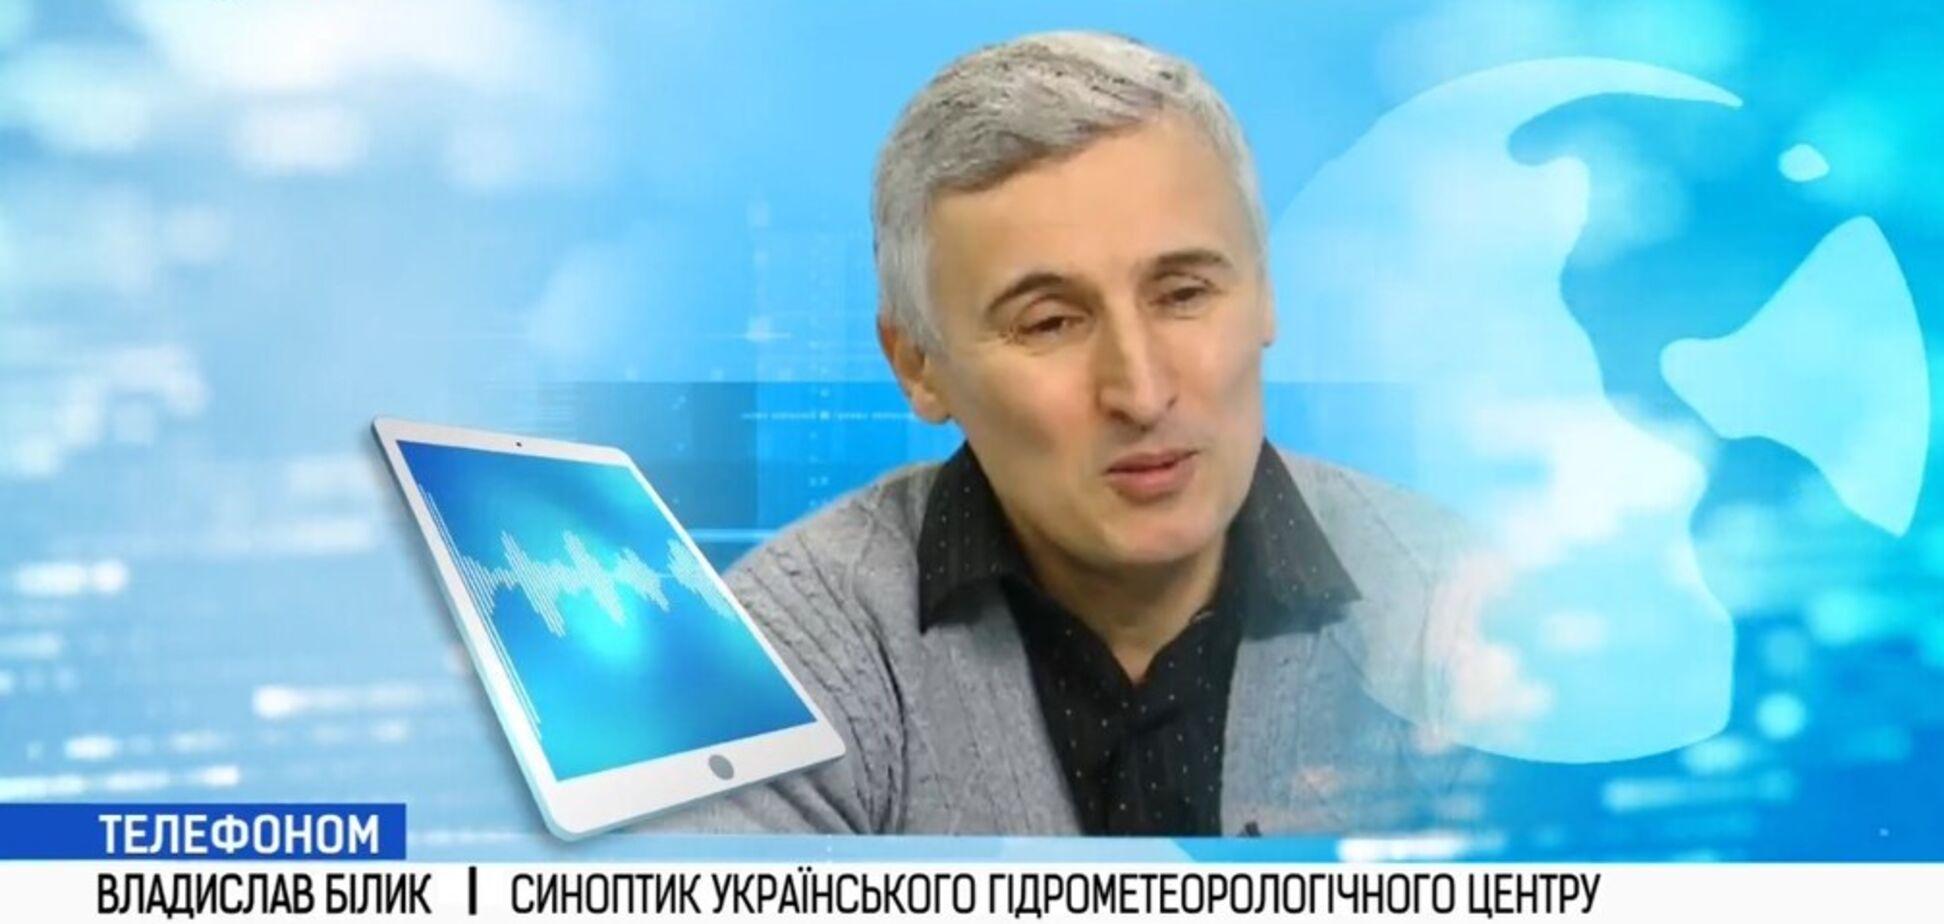 Різдво без снігу: синоптики змінили прогноз на свята в Україні